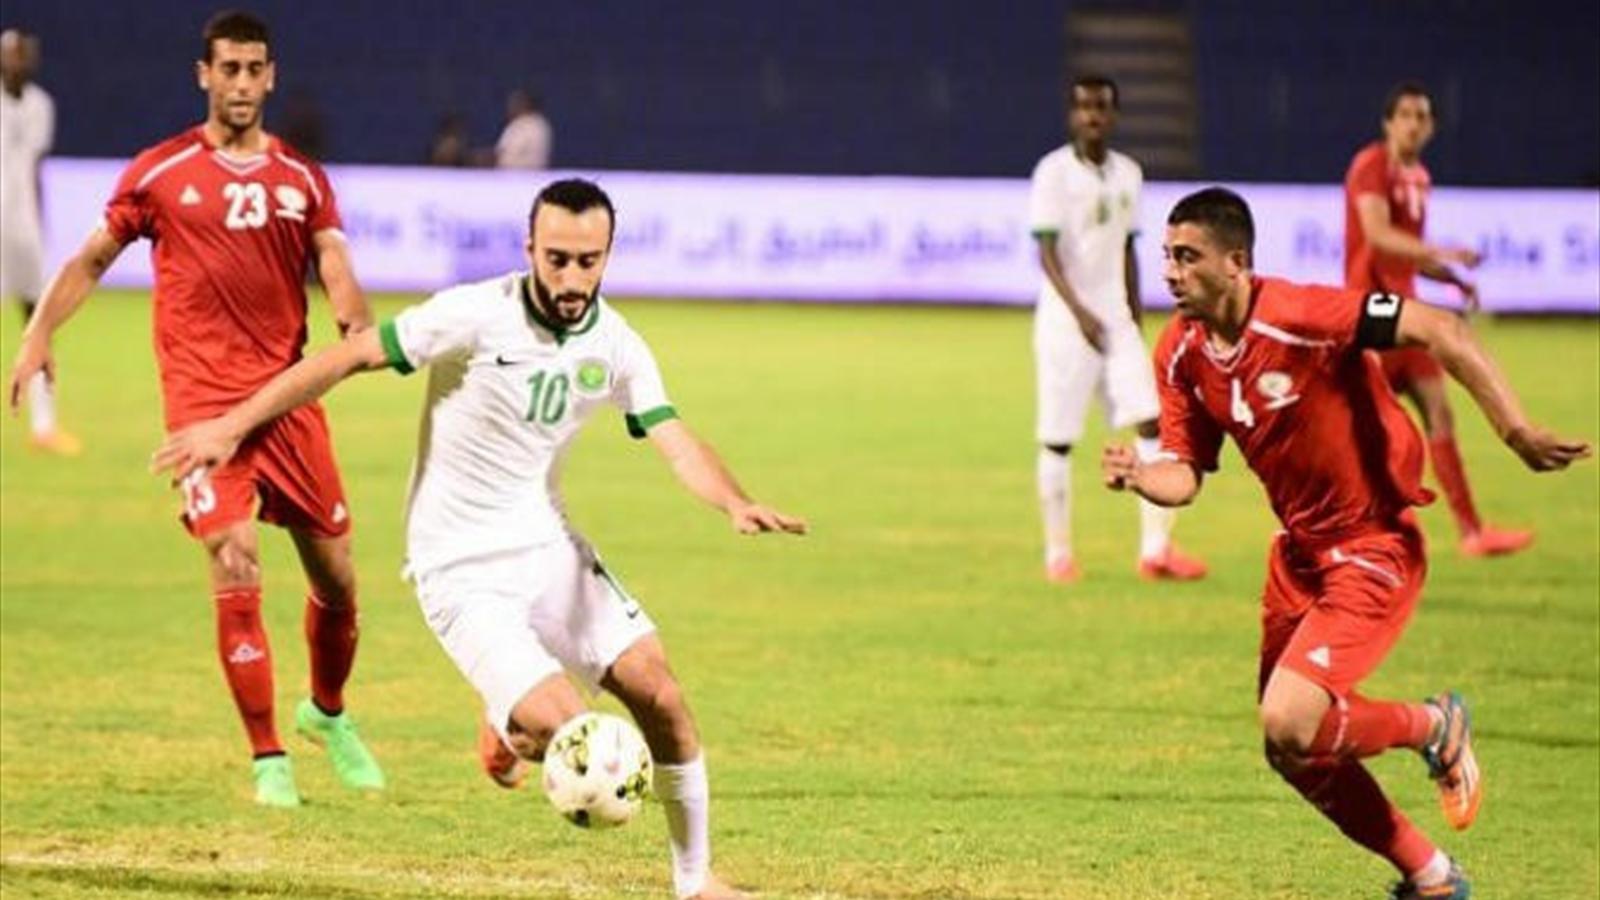 عاجل..أوامر سيادية تنقل مباراة فلسطين والسعودية للأردن